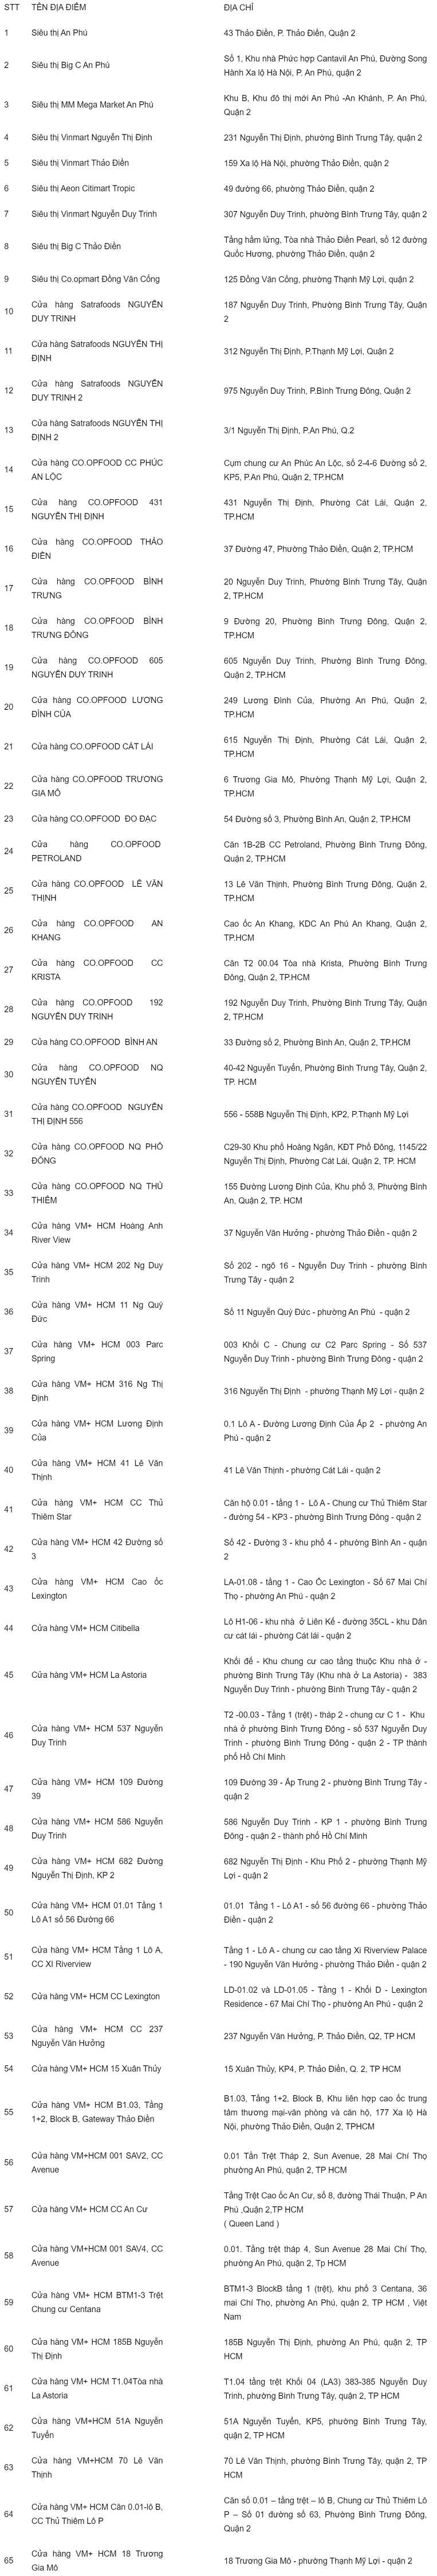 danh sách địa điểm bán khẩu trang quận 2